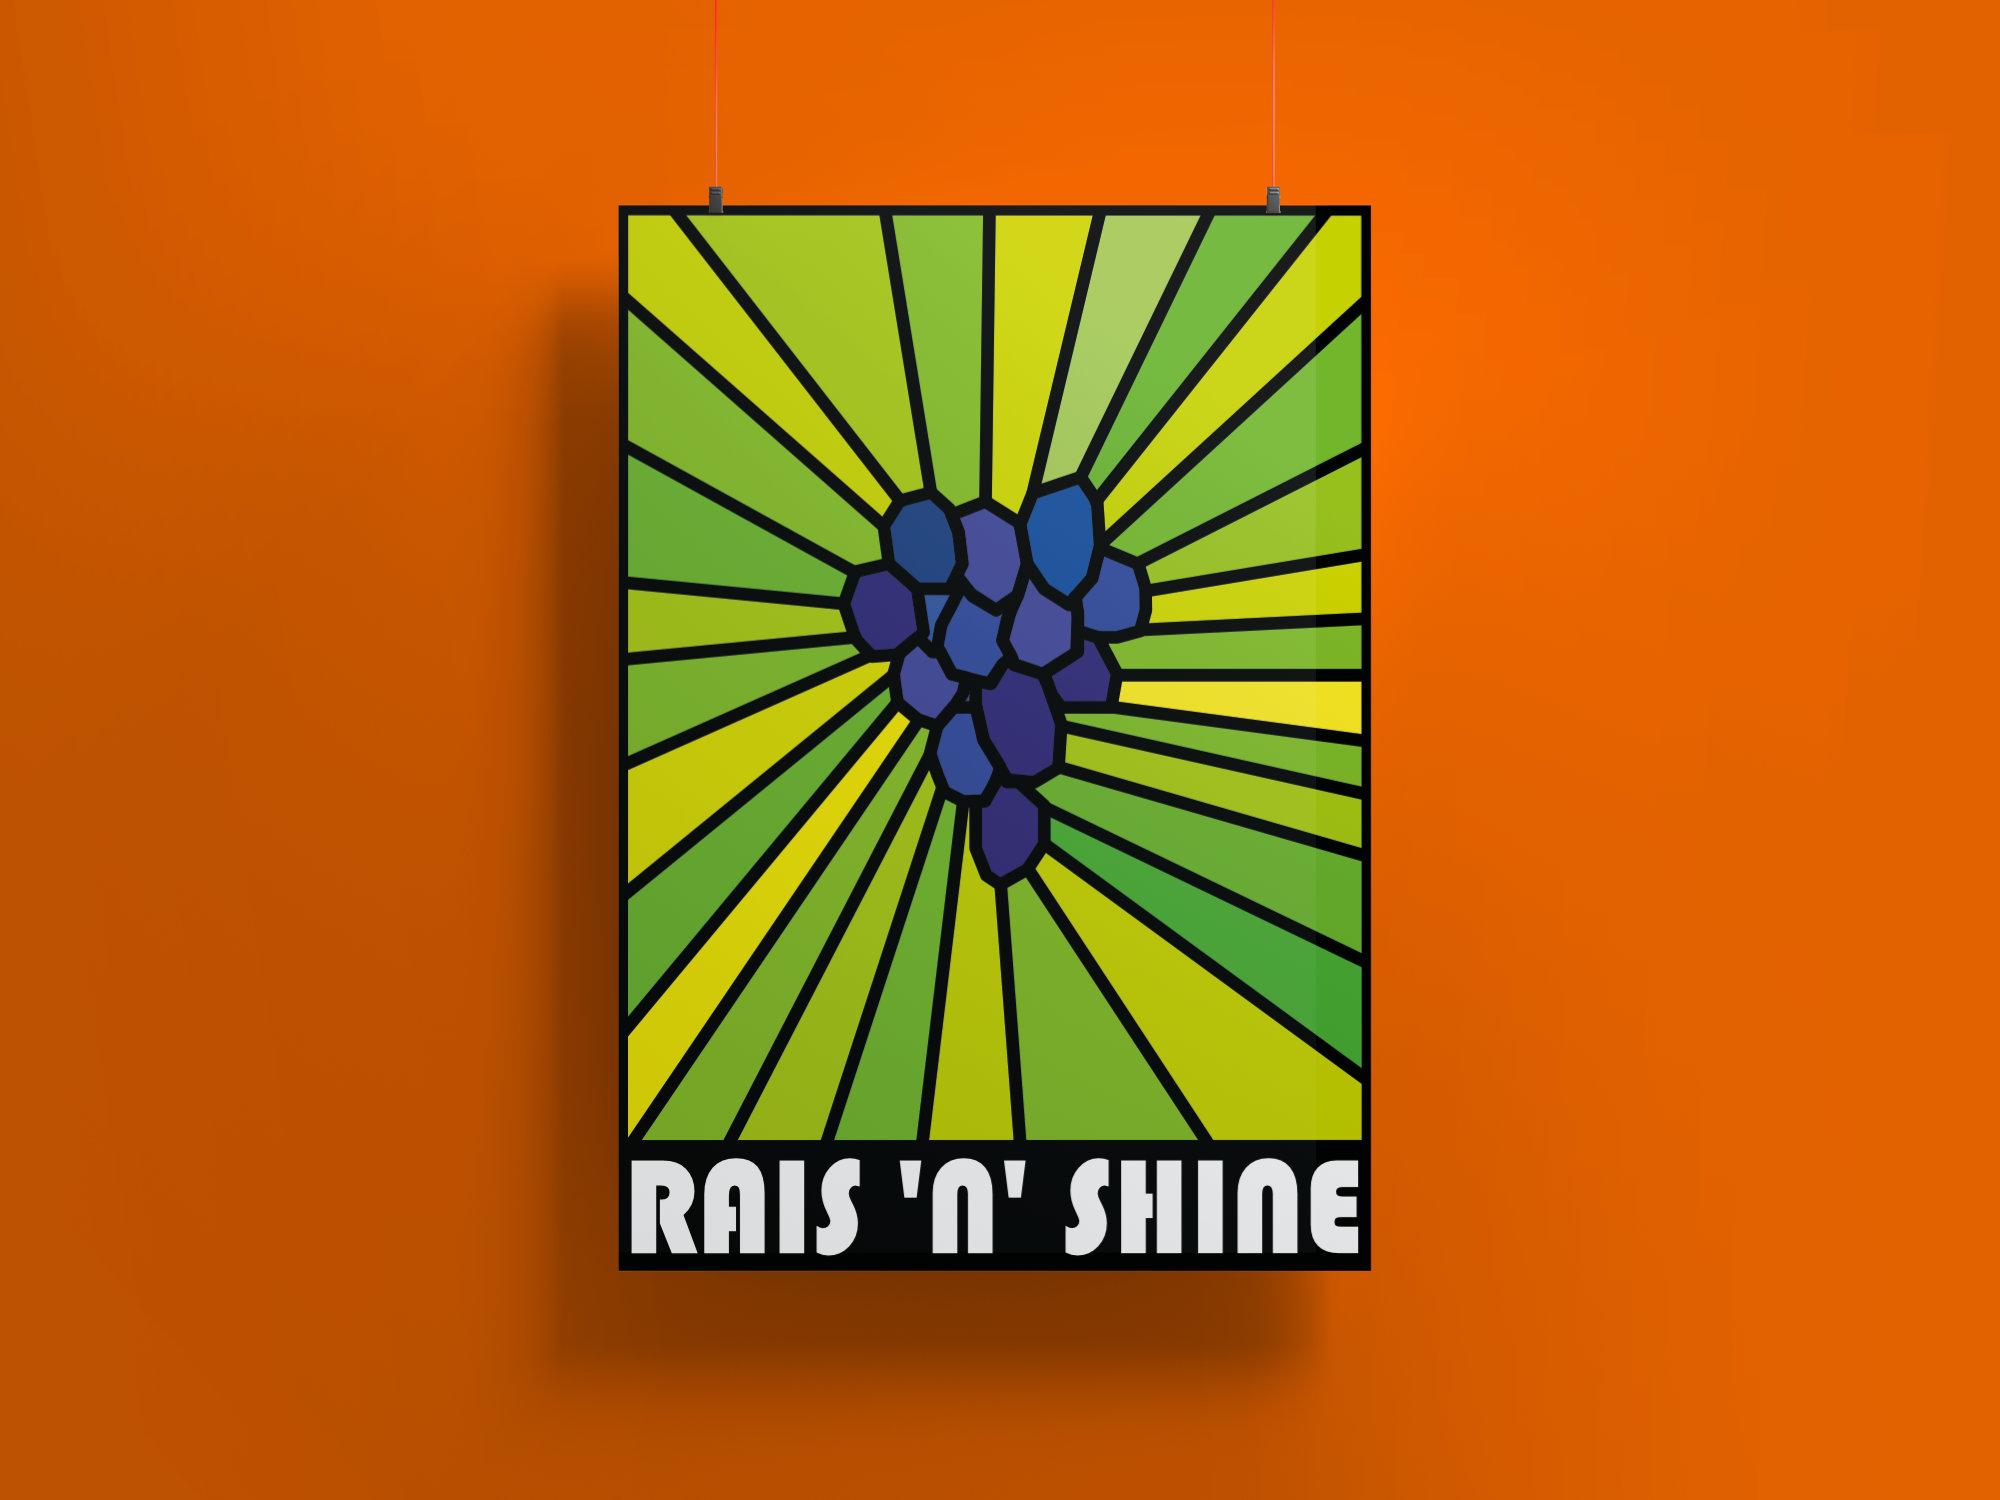 Poster Rais'n'shine